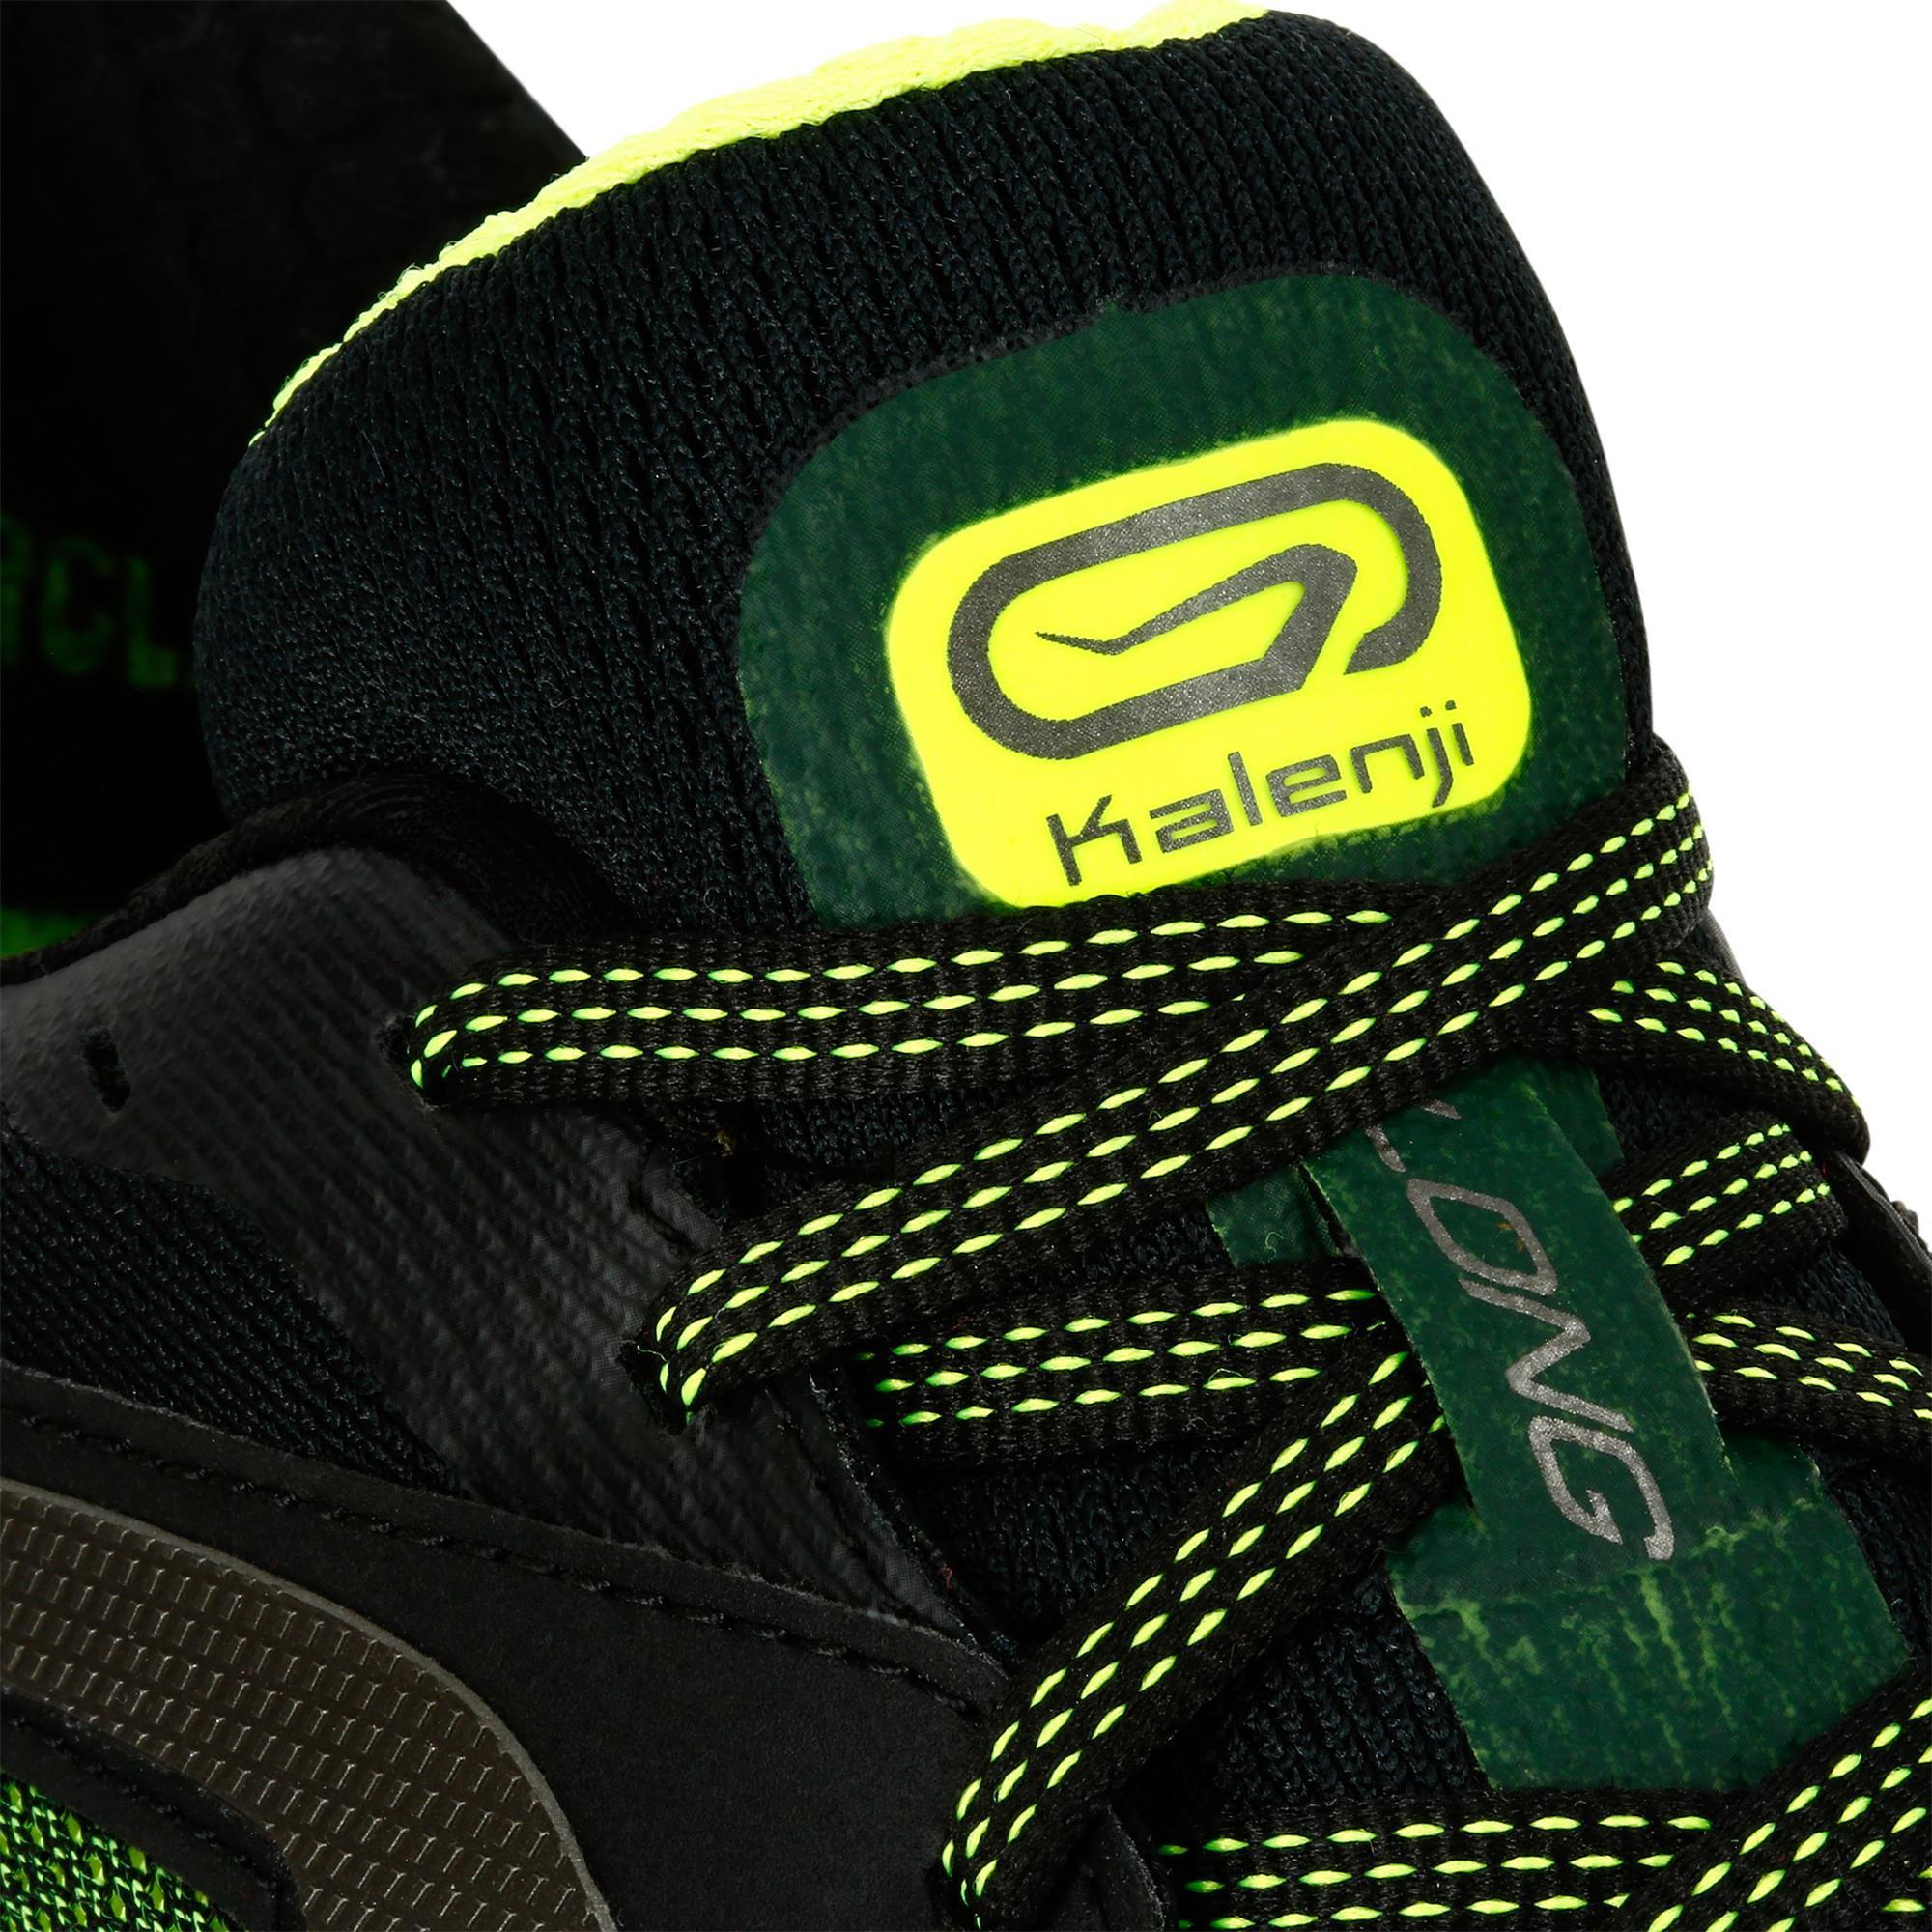 best cheap 0813b 00a58 Kalenji Long Homme Running Decathlon Chaussures Kiprun De a4qPapr